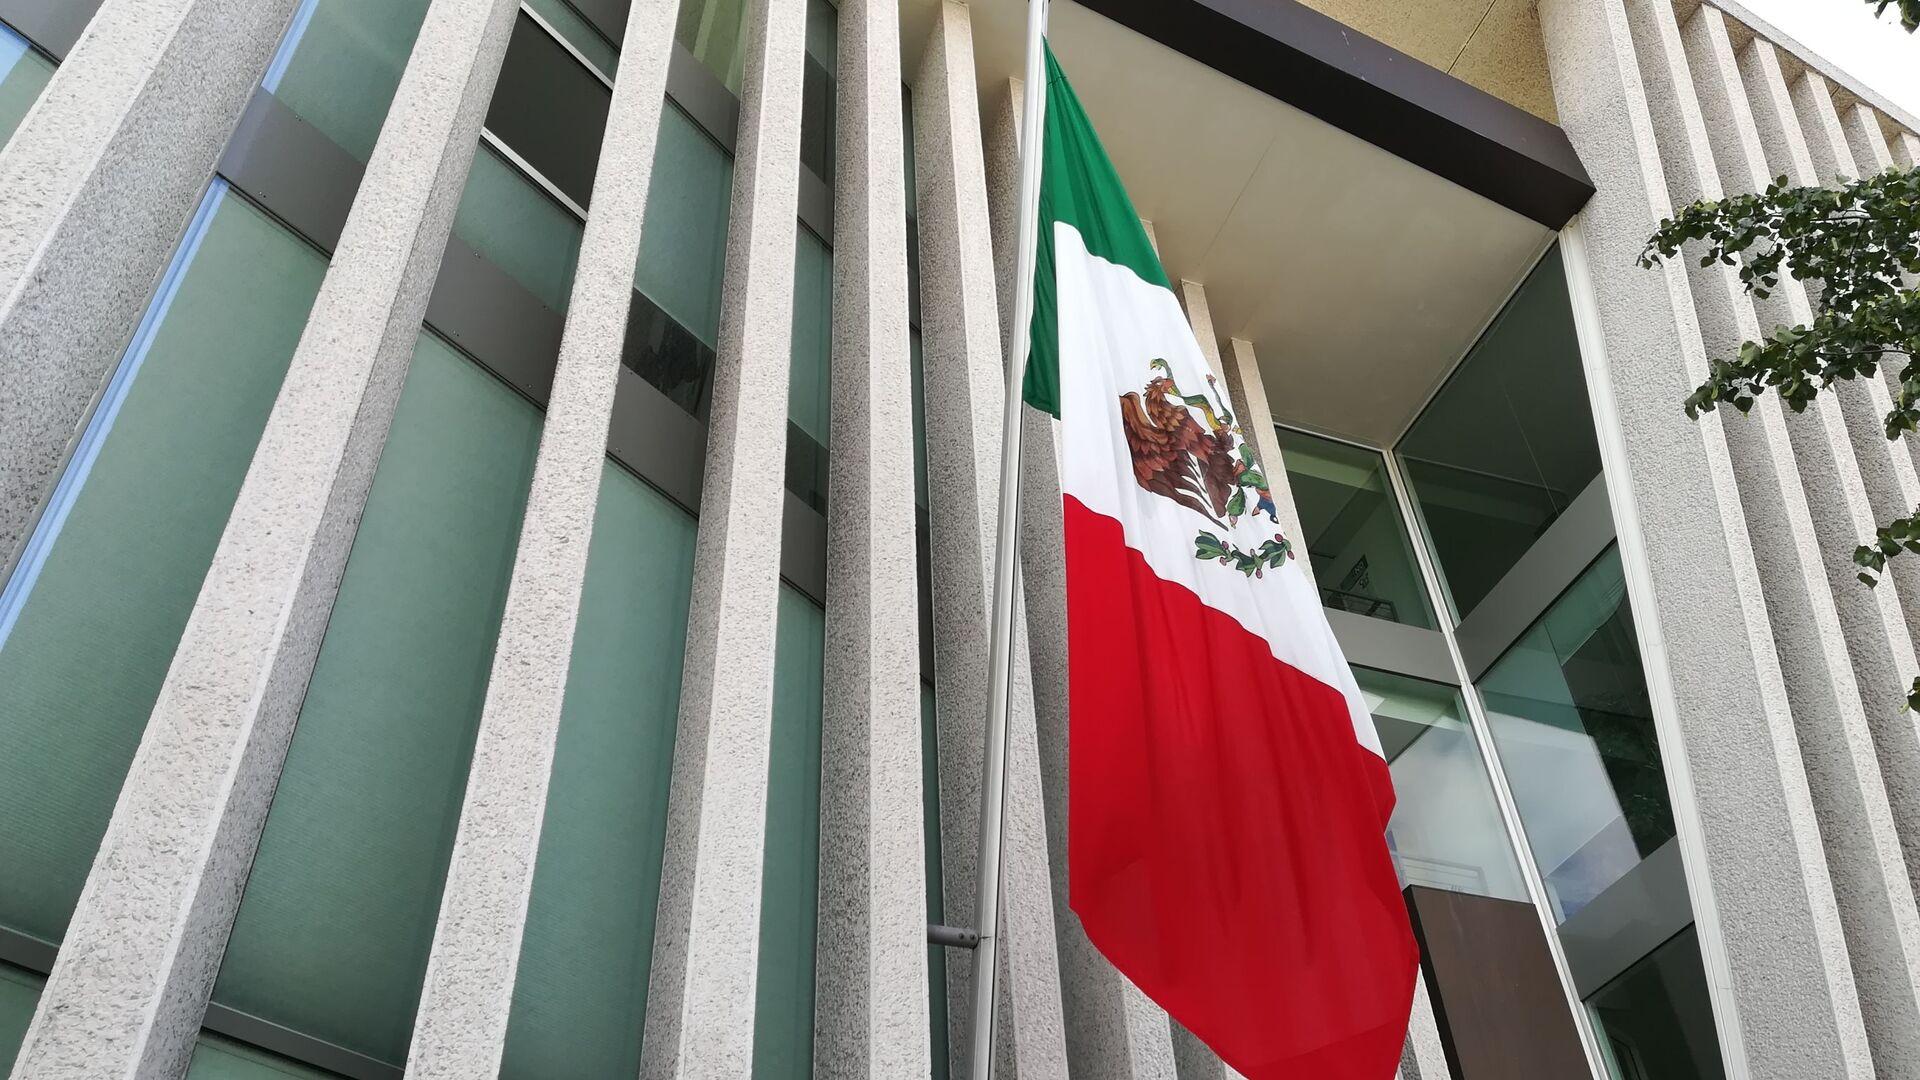 Bandera de México - Sputnik Mundo, 1920, 30.08.2021